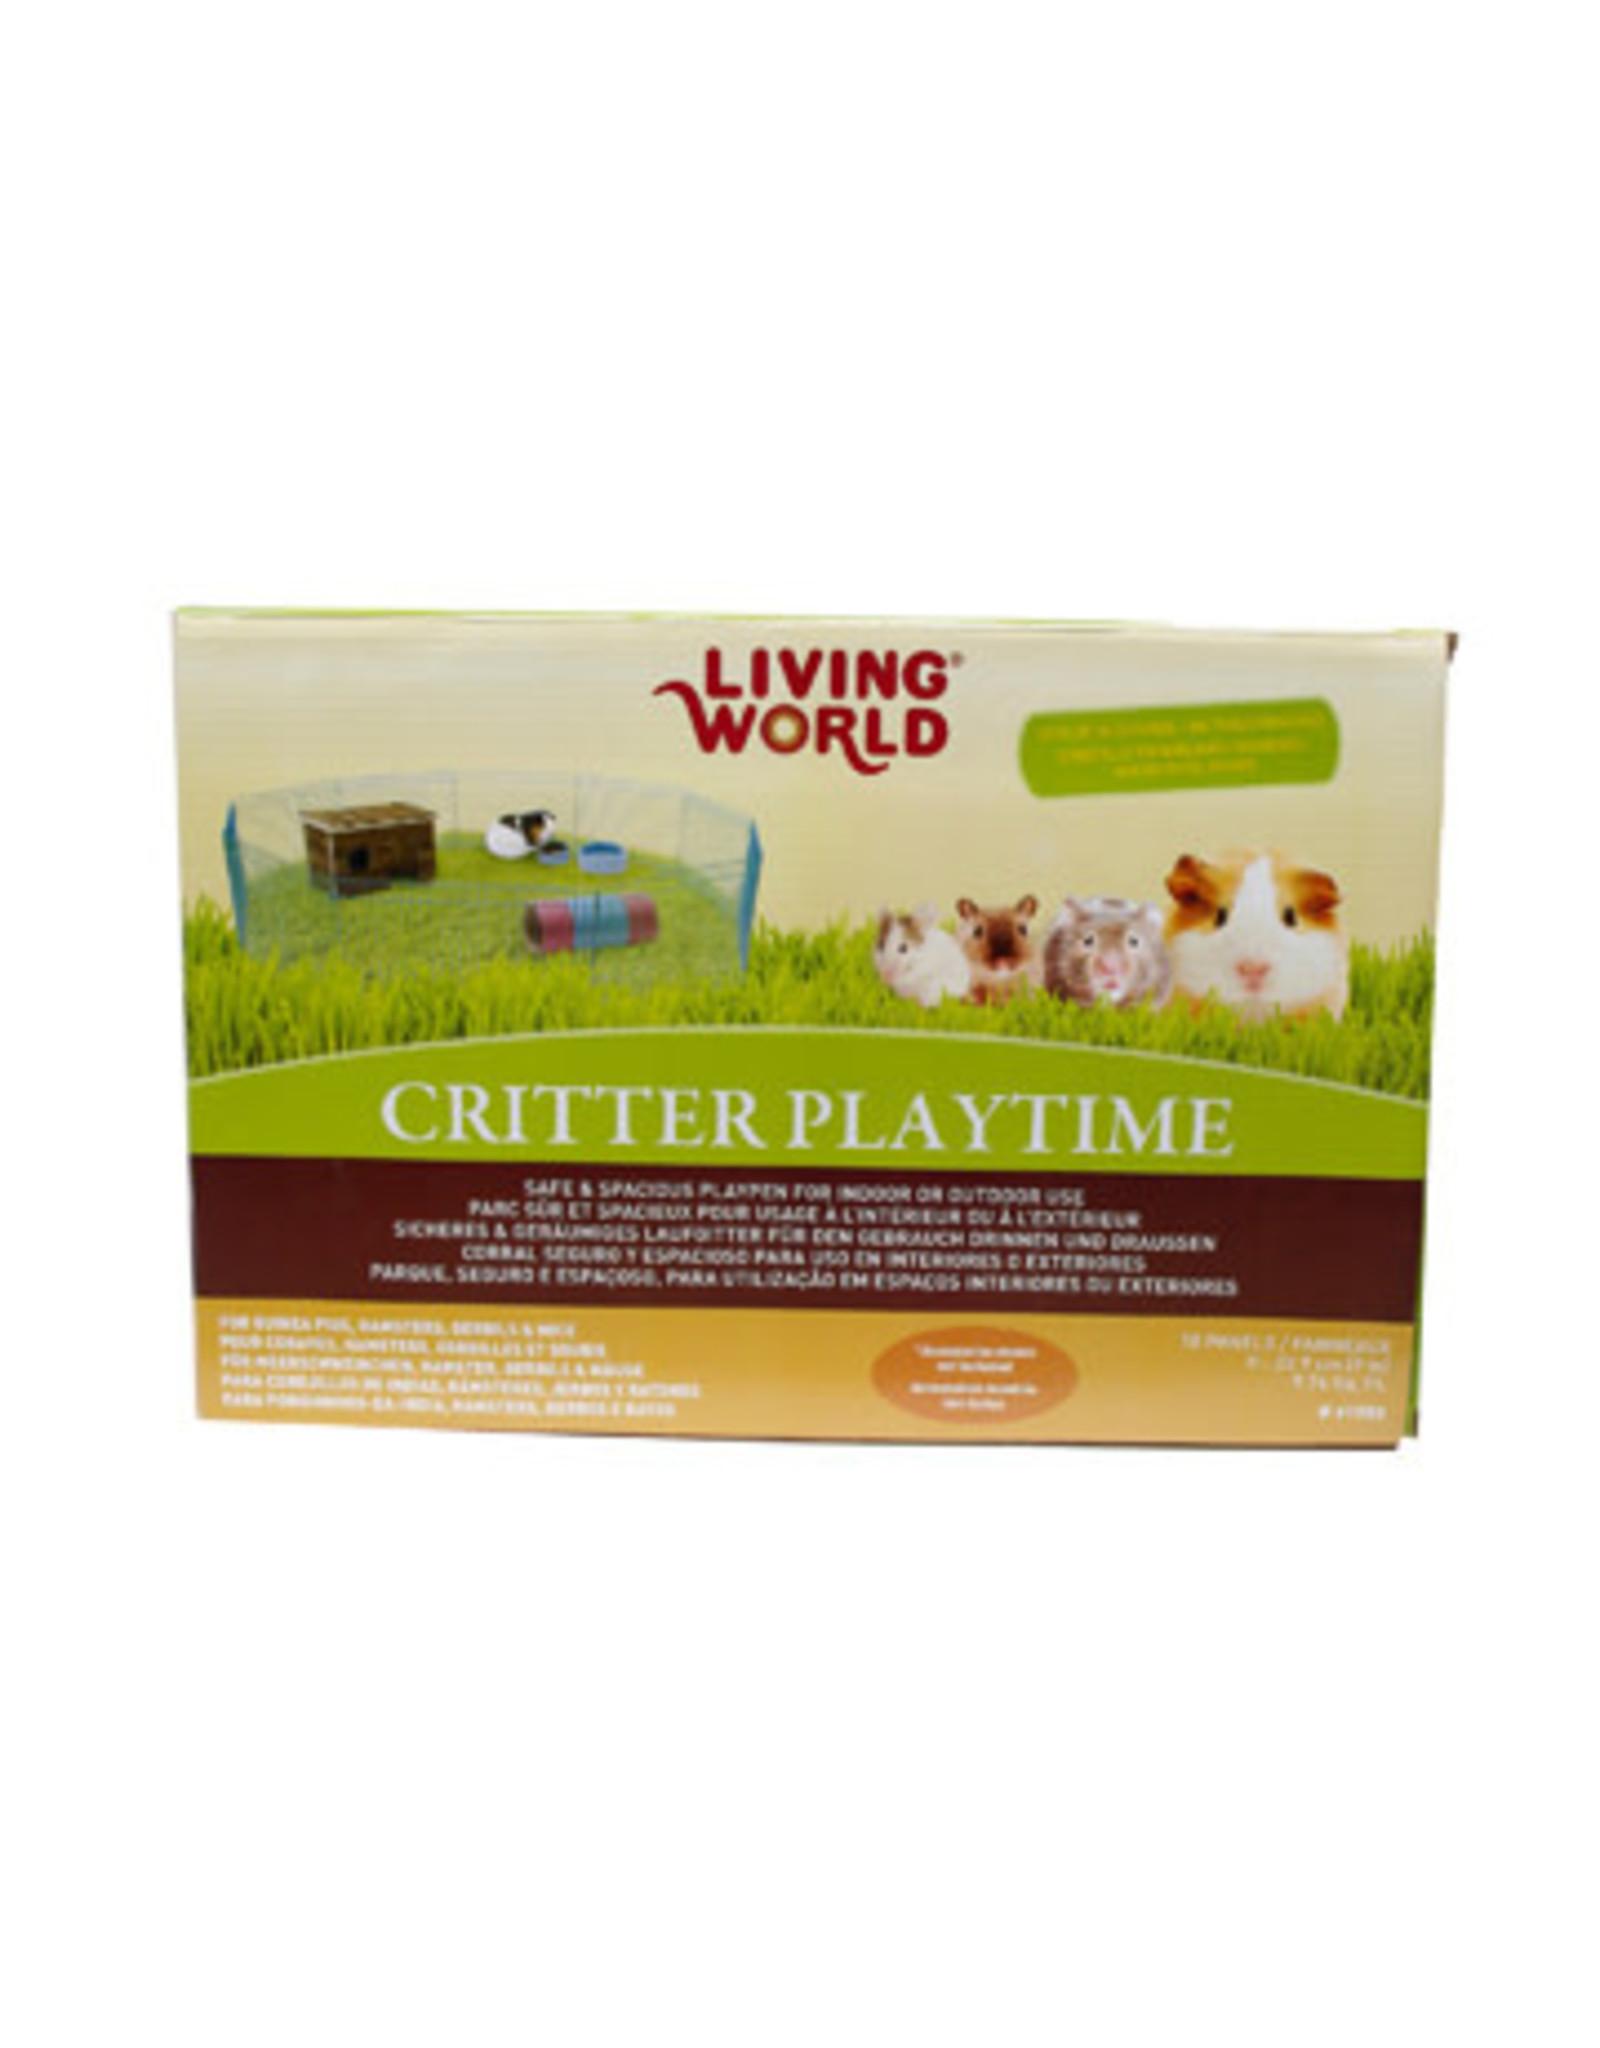 Living World Critter Playtime